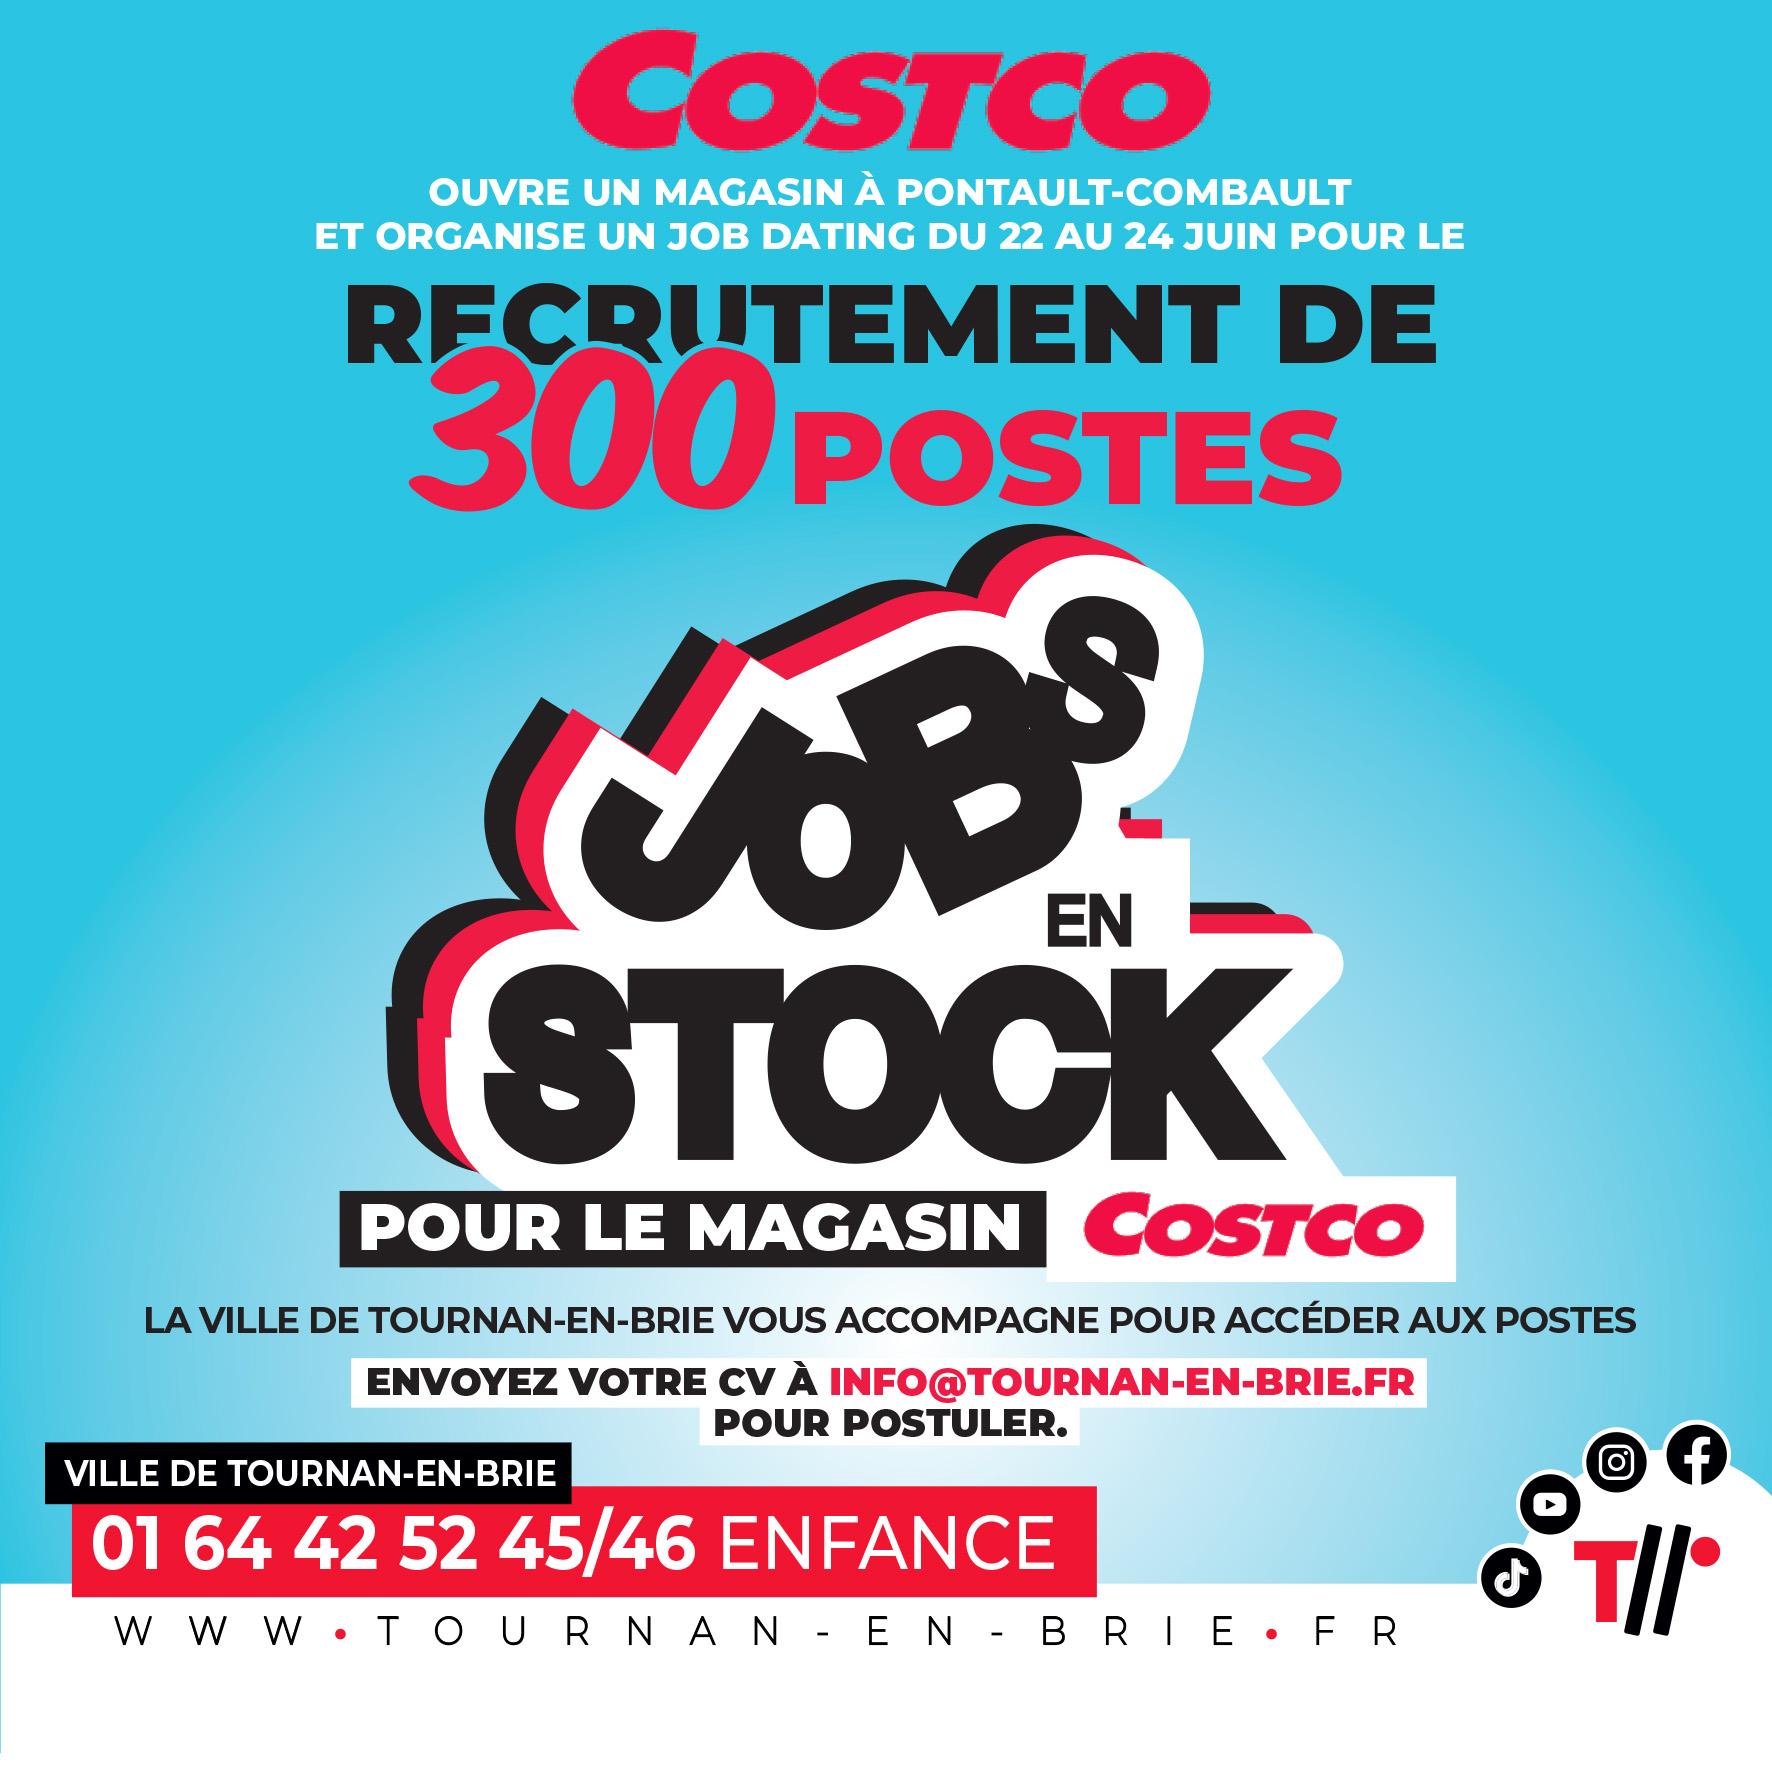 COSTCO RECRUTE! LA VILLE DE TOURNAN-EN-BRIE VOUS AIDE À POSTULER!